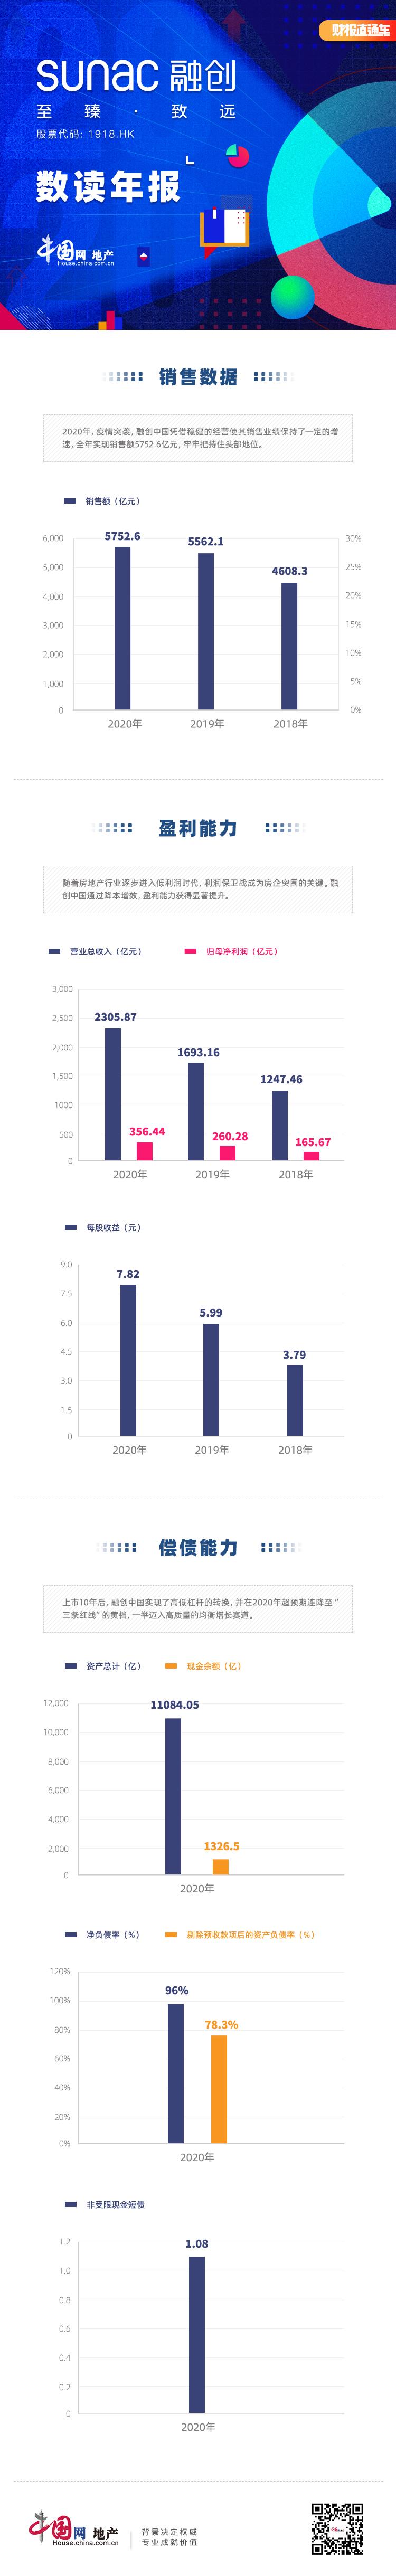 数读年报 融创中国:降本增效成果显著 迈入高质量的均